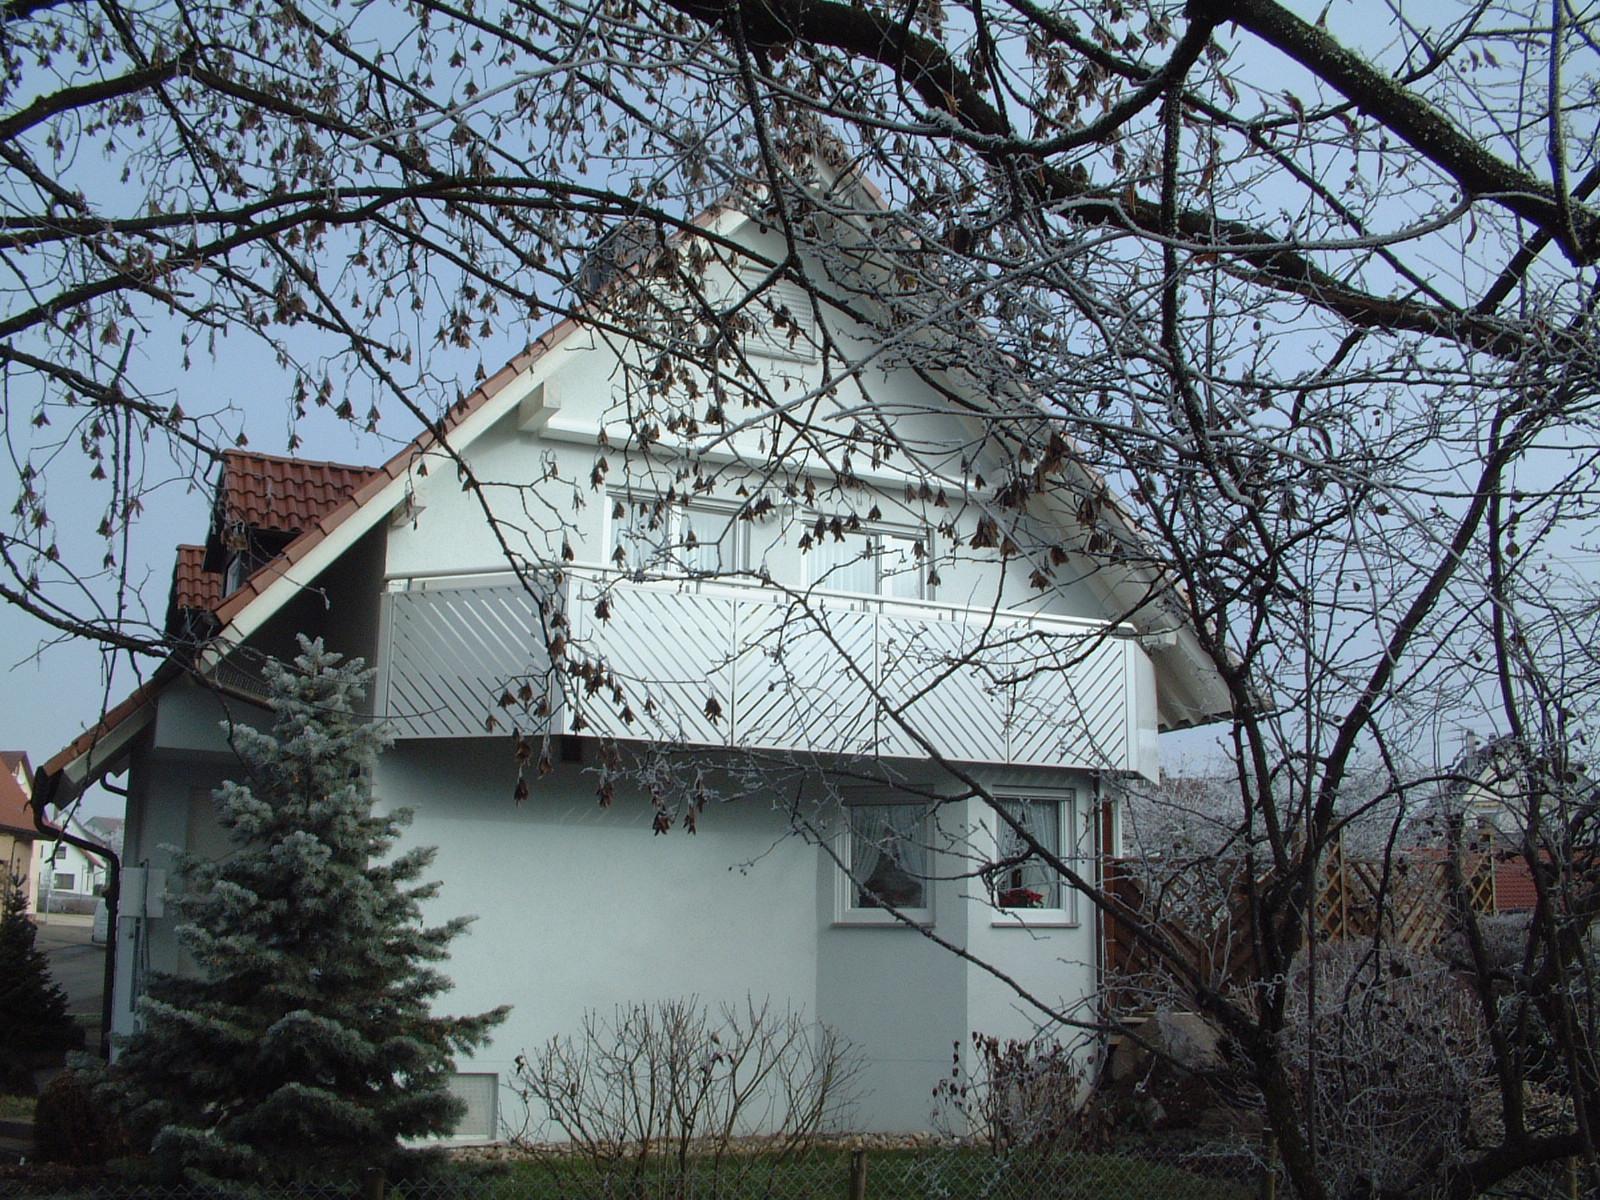 Handlauf und Balkonverkleidung aus weißem, pulverbeschichtetem Aluminium.